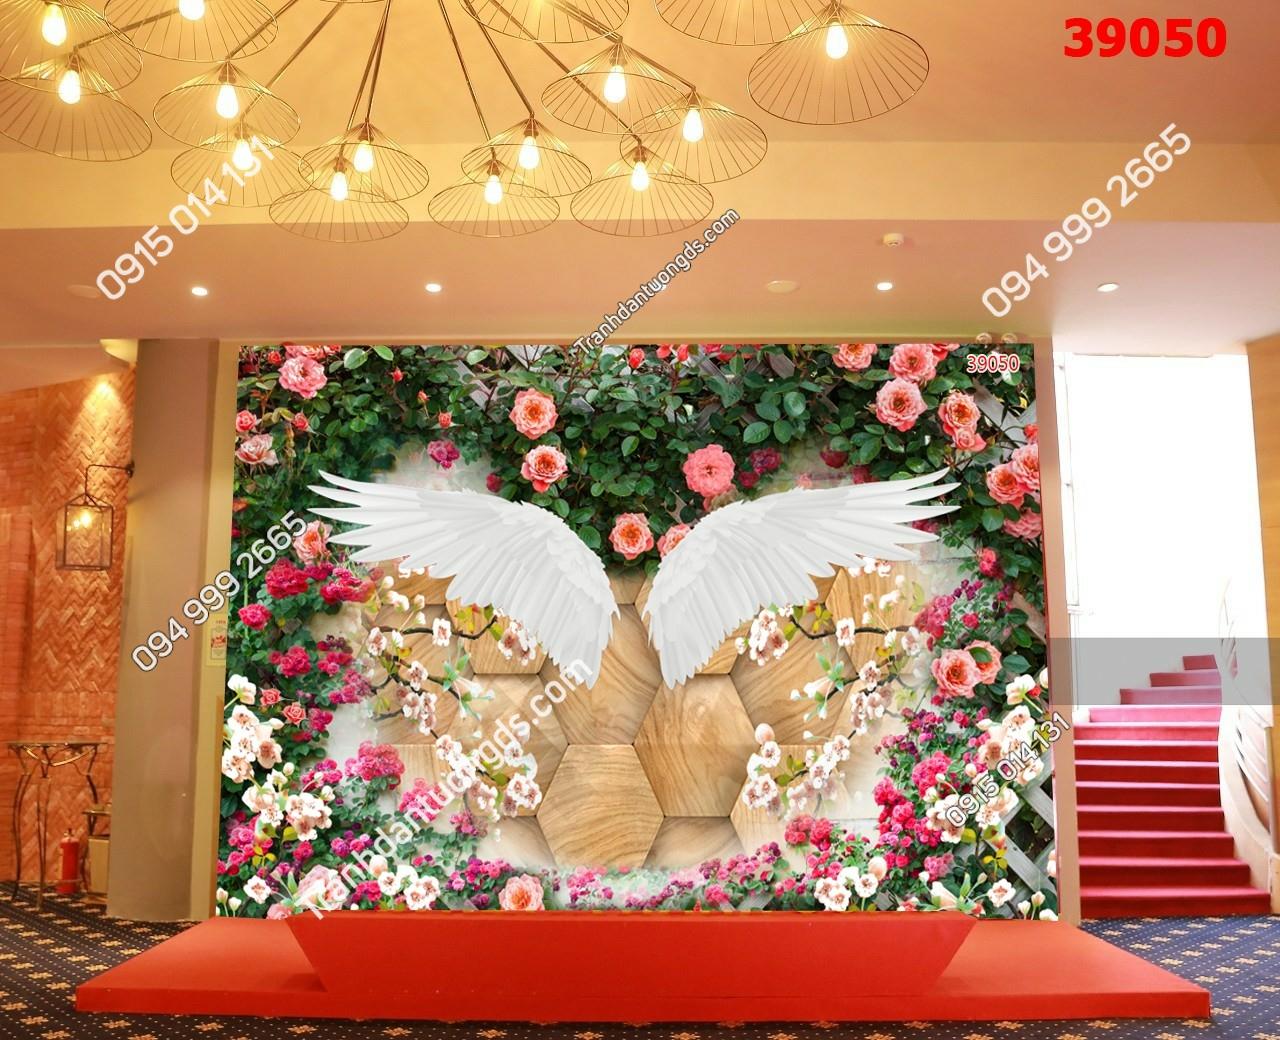 Tranh dán tường đôi cánh thiên thần dán bục sự kiện 39050